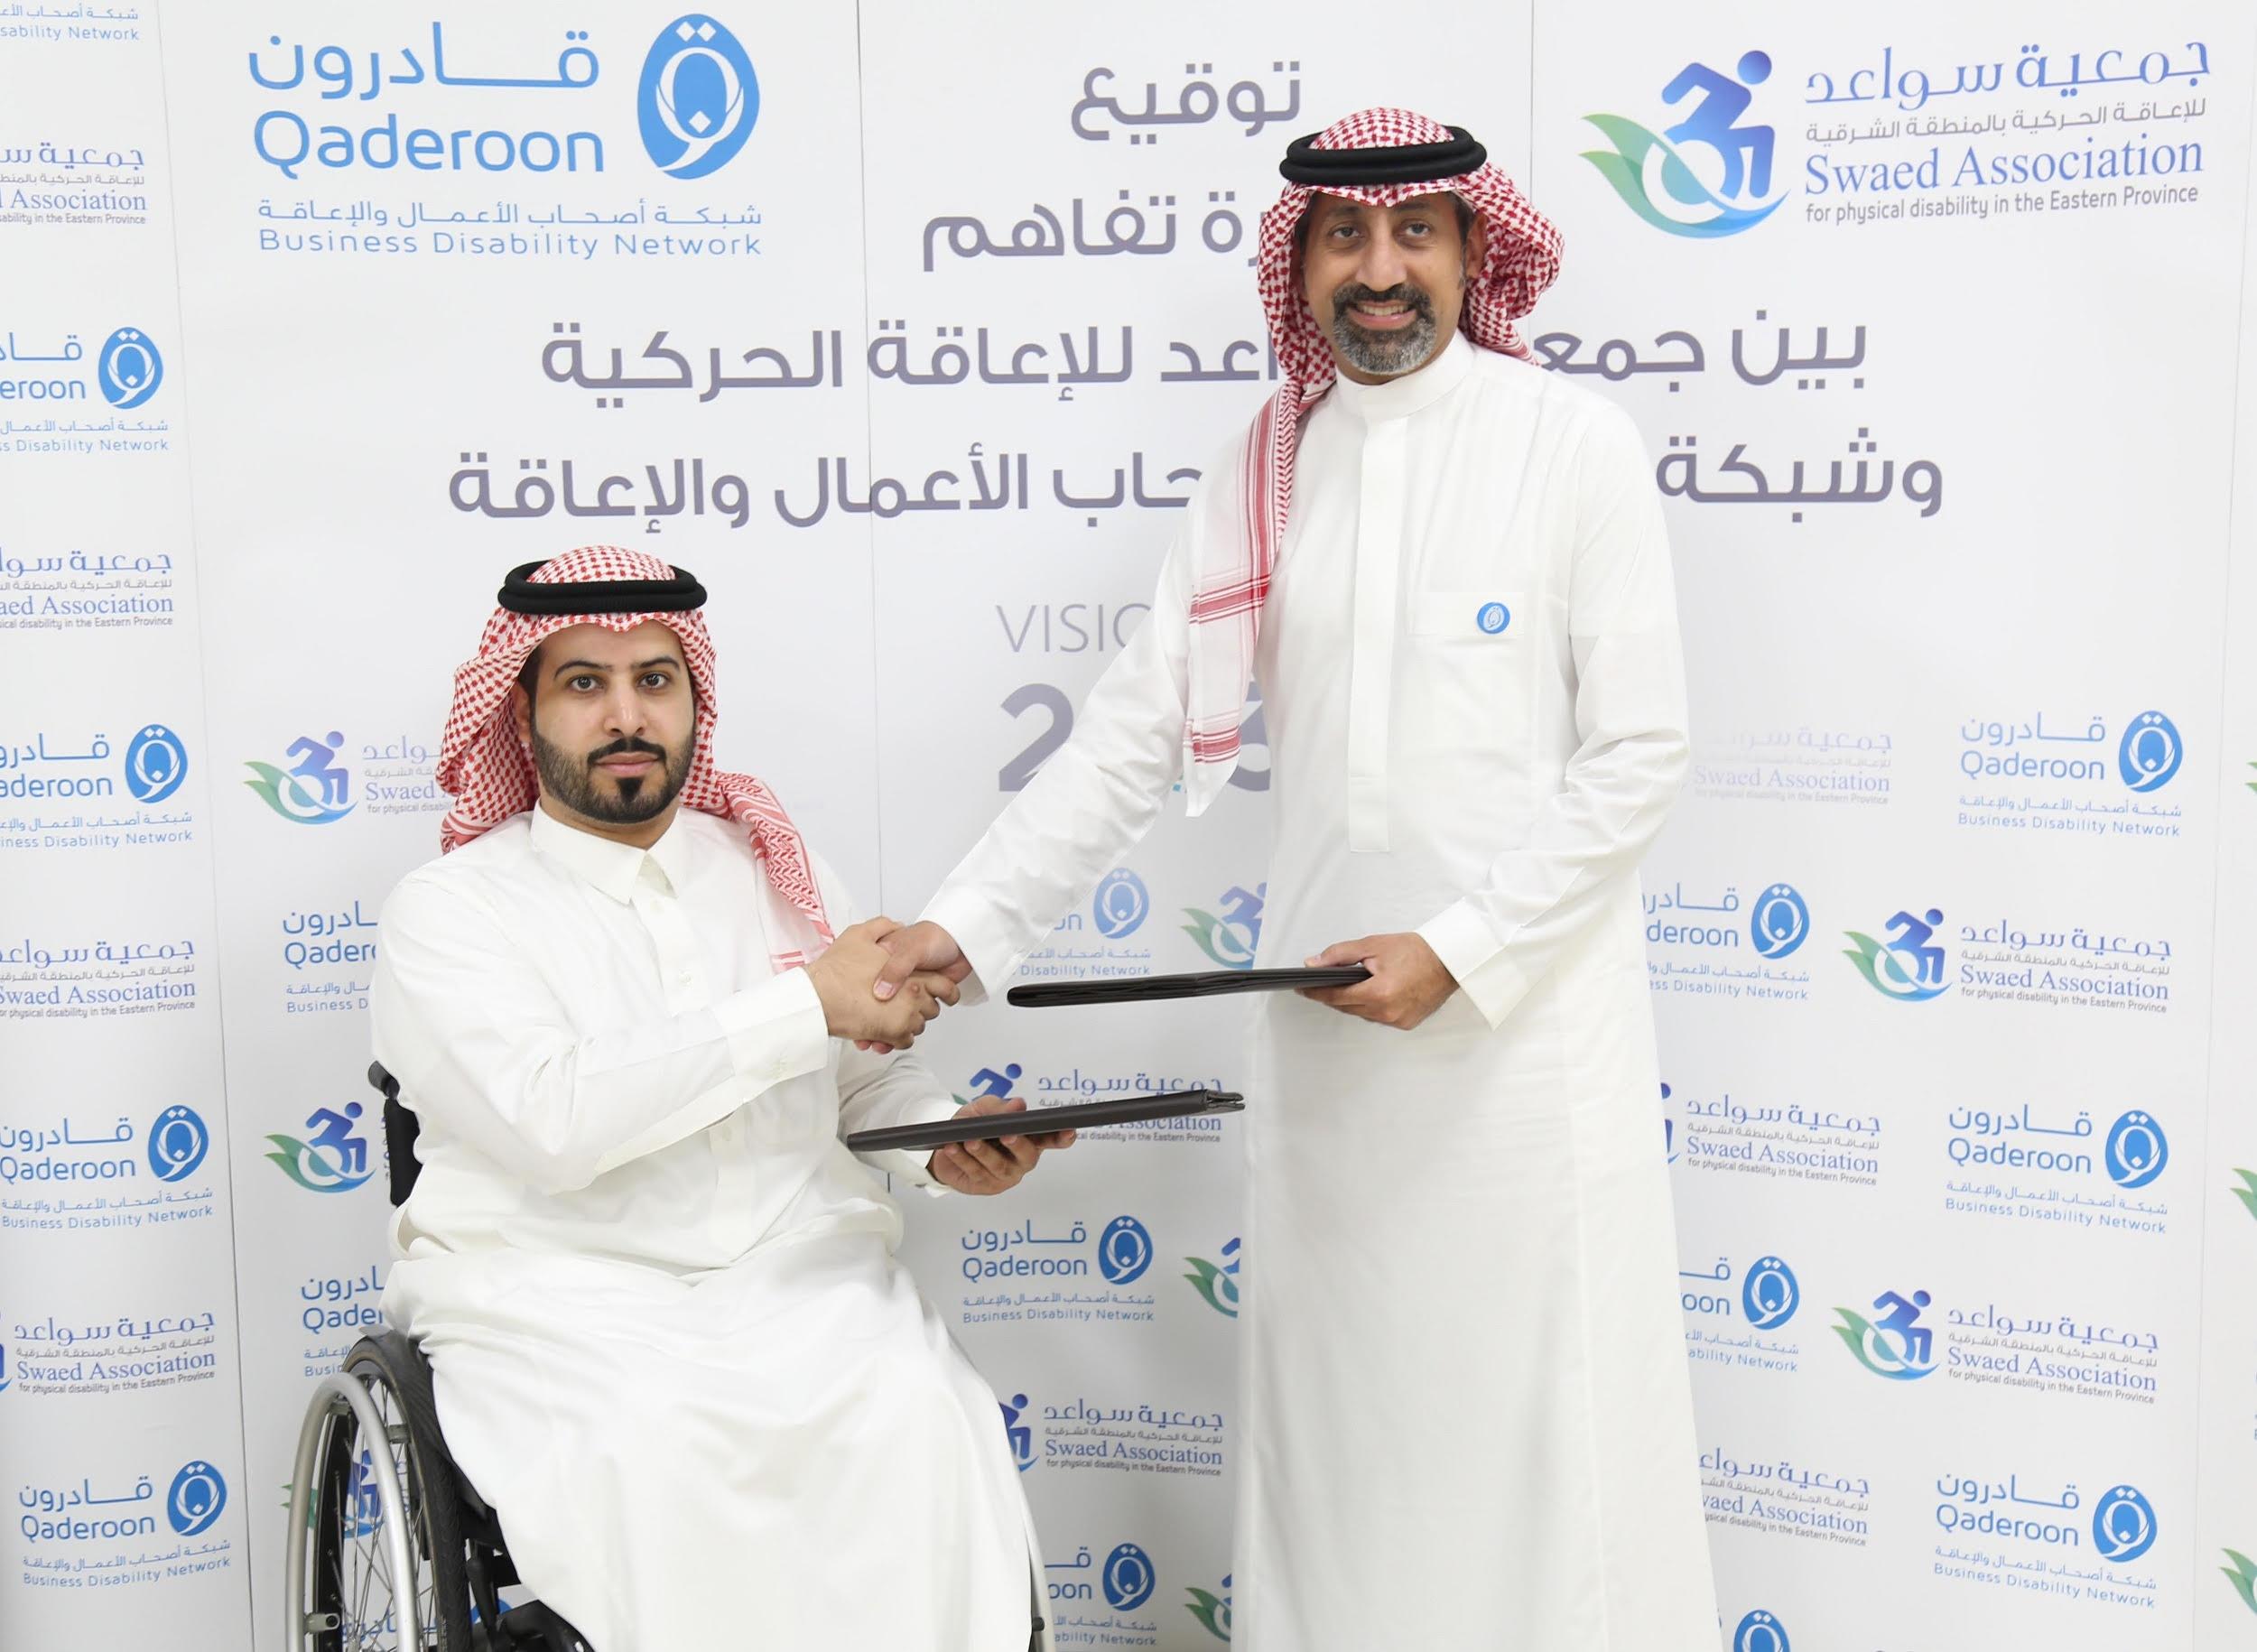 اتفاقية لدمج الأشخاص ذوي الإعاقة في سوق العمل